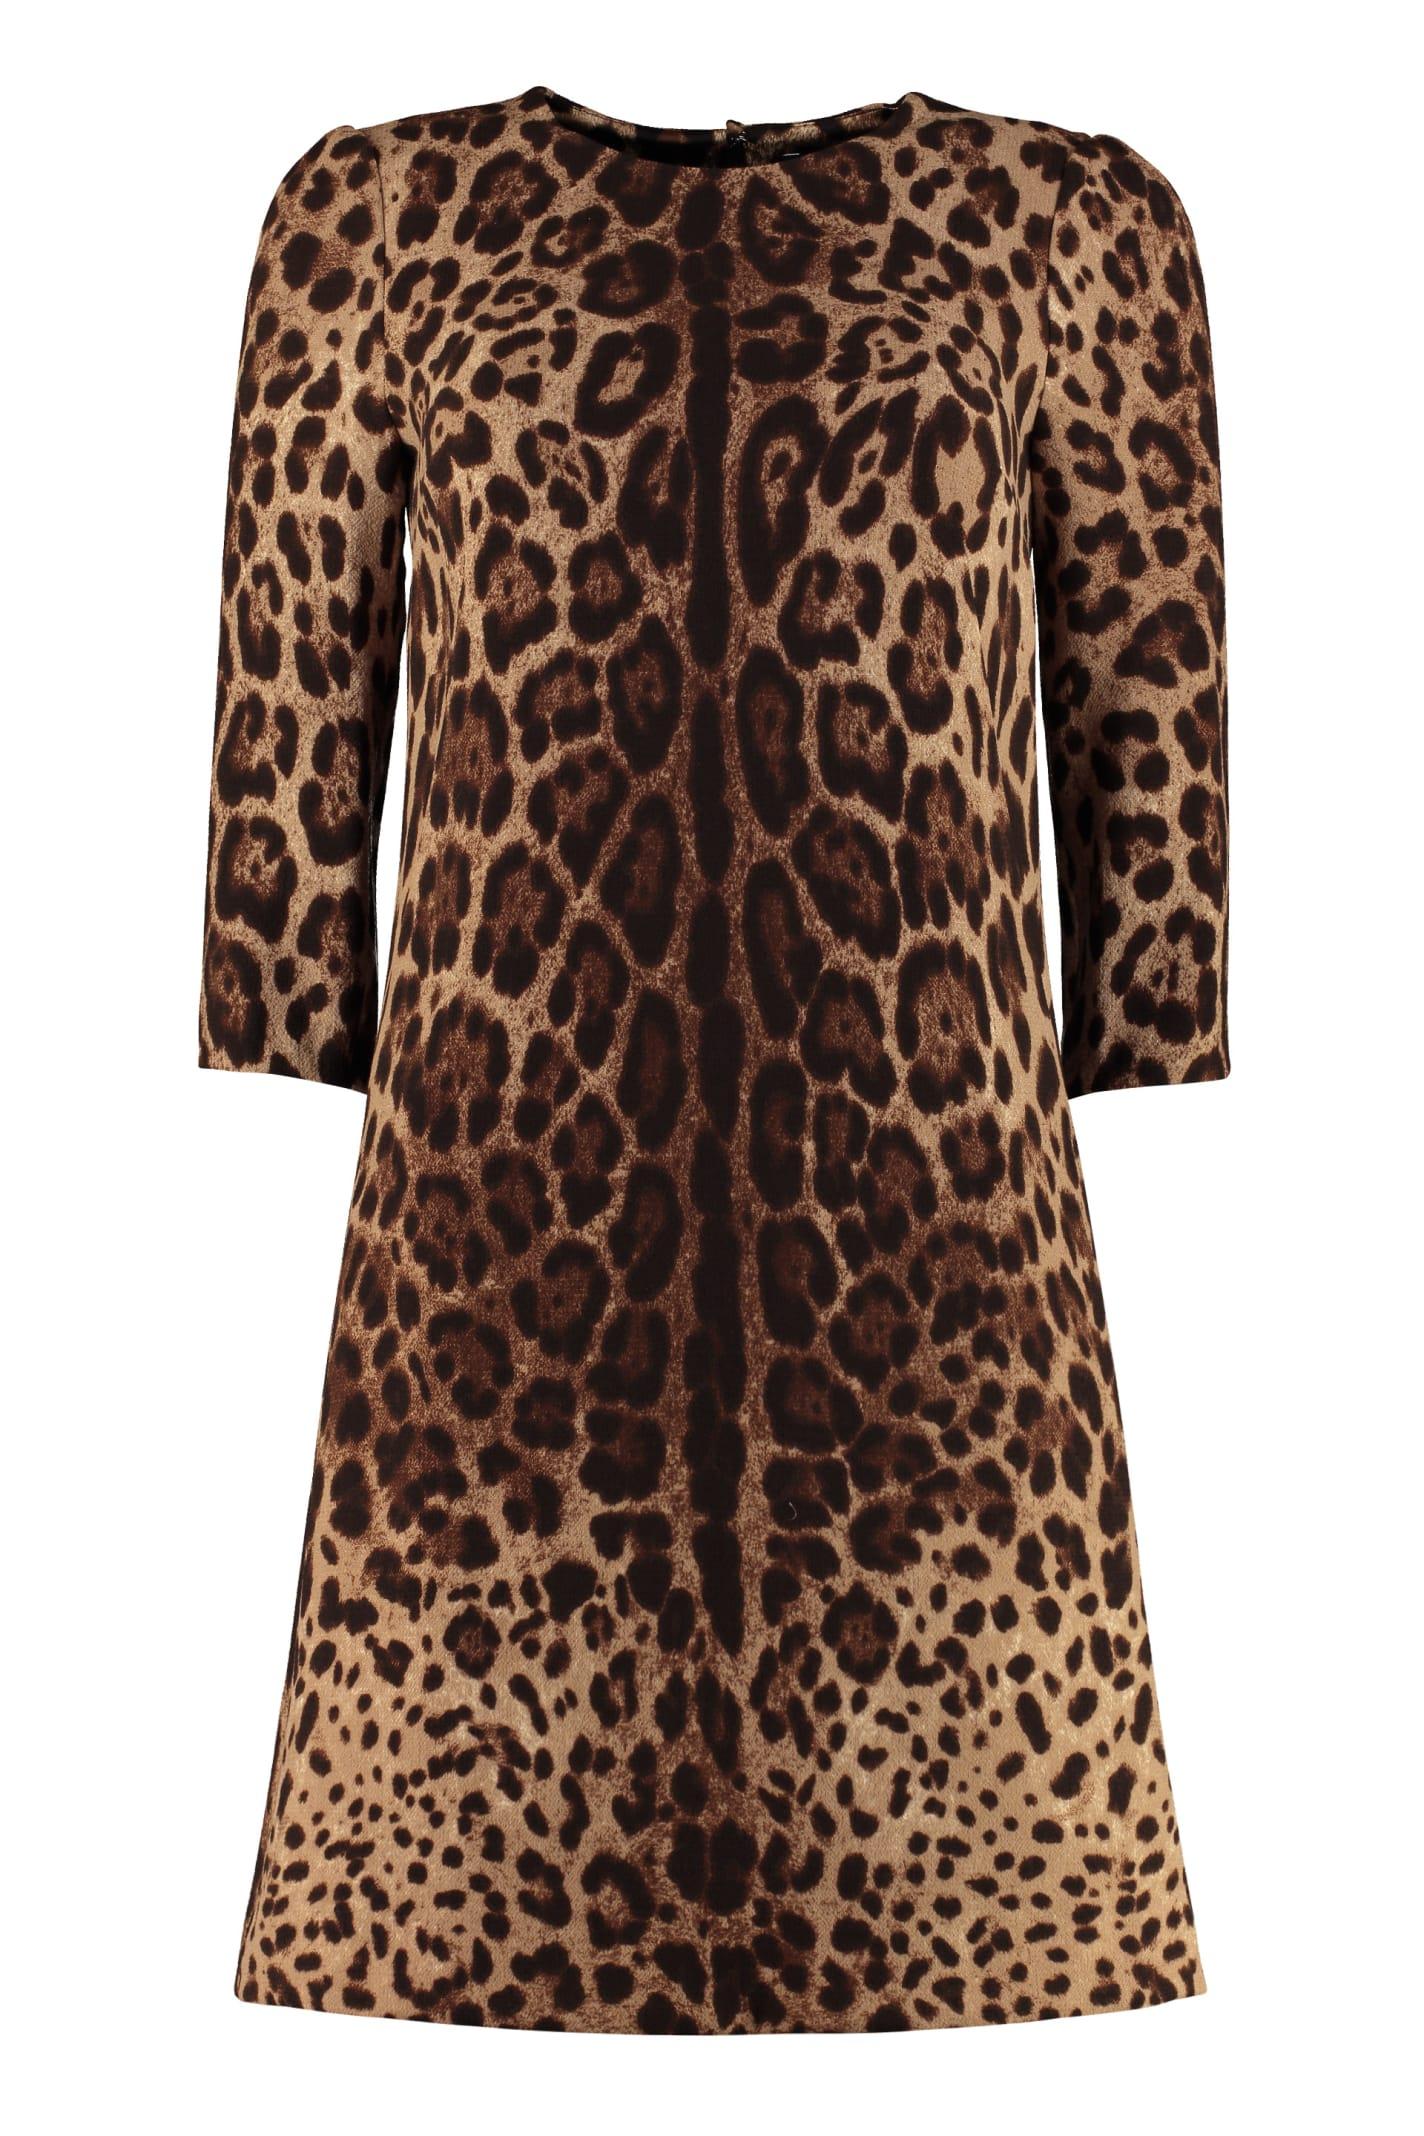 Dolce & Gabbana Leopard Print Sheath Dress